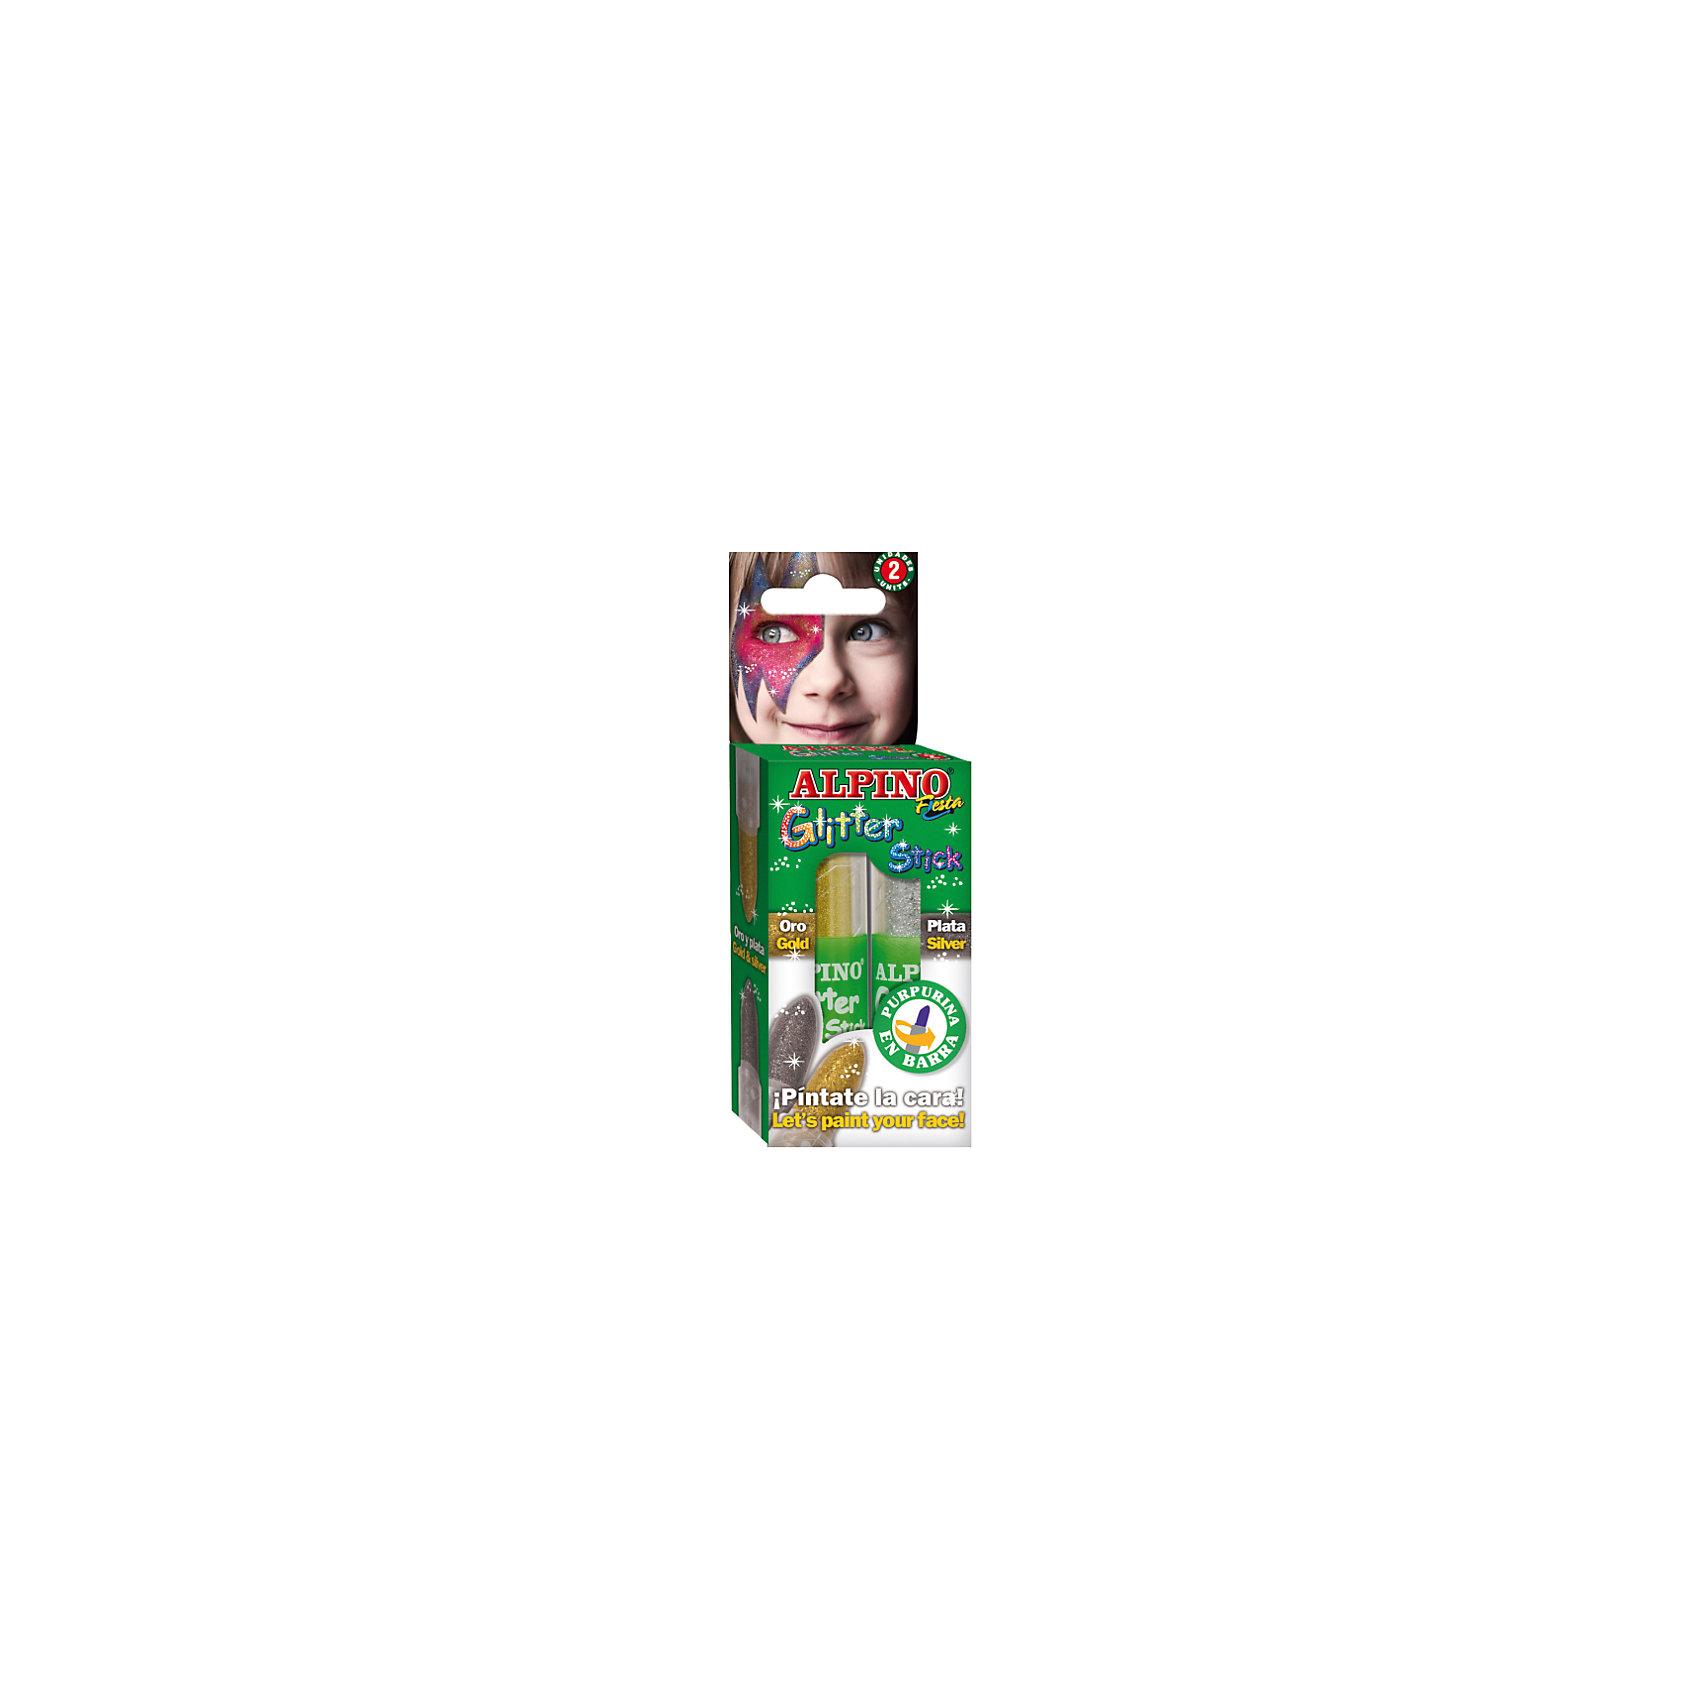 Детский аквагрим Glitter Stick (макияжные карандаши с блестками), 2*4 гр, 2 цв. (золотой/серебряный)Косметика, грим и парфюмерия<br>Экологичная детская декоративная косметика европейского производства, изготовленная по наилучшим существующим технологиям на основе растительных ингредиентов и воды<br>Не содержит компонентов молока, яиц, клейковины, орехов, бобов, латекса и других потенциально аллергенных ингредиентов (Non-Allergic)<br>Разрешена для применения детьми от 3 лет по европейским стандартам качества и безопасности, а также нормам ТР ТС 009/2011 «О безопасности парфюмерно-косметической продукции» (включена в перечень детских товаров, допущенных к обращению во всех странах Таможенного союза)<br>Рекомендуется педагогами и медицинскими специалистами для эффективного развития детей в ходе игровых форм обучения и воспитания. Считается лучшей продукцией для художественного самодеятельного творчества, детских праздников, дискотек и других культурно-развлекательных и спортивно–зрелищных молодежных мероприятий<br>Состав набора: макияжные карандаши с блёстками в тюбике (2 x 4 гр, 2 цв.)<br>Макияжные карандаши с блёстками имеют высокую кроющую способность и представлены в наборе золотым и серебряным цветами. Нанесённый макияж не пачкается и имеет глянцевый тон, пластиковый тюбик позволяет хранить и переносить карандаши вне упаковки, например, в карманах, пеналах, портфеле или ранце. Набор является идеальным решением для создания нужного образа на празднике или для дружной и выразительной поддержки любимой команды на спортивных, музыкальных, художественных и иных состязаниях и конкурсах<br>Предварительное нанесение пасты-грунта не требуется, продукция безопасна при интенсивном контакте с кожей в течение длительного времени (не менее 24 часов)<br>Легко смывается с кожи, не имеет запаха, не красится, не оставляет жирных пятен, отстирывается с детской одежды и других тканей в режиме обычной стирки<br>Упаковка с европетлей<br>Производитель: ALPINO (Испания)<br><br>Ширина мм: